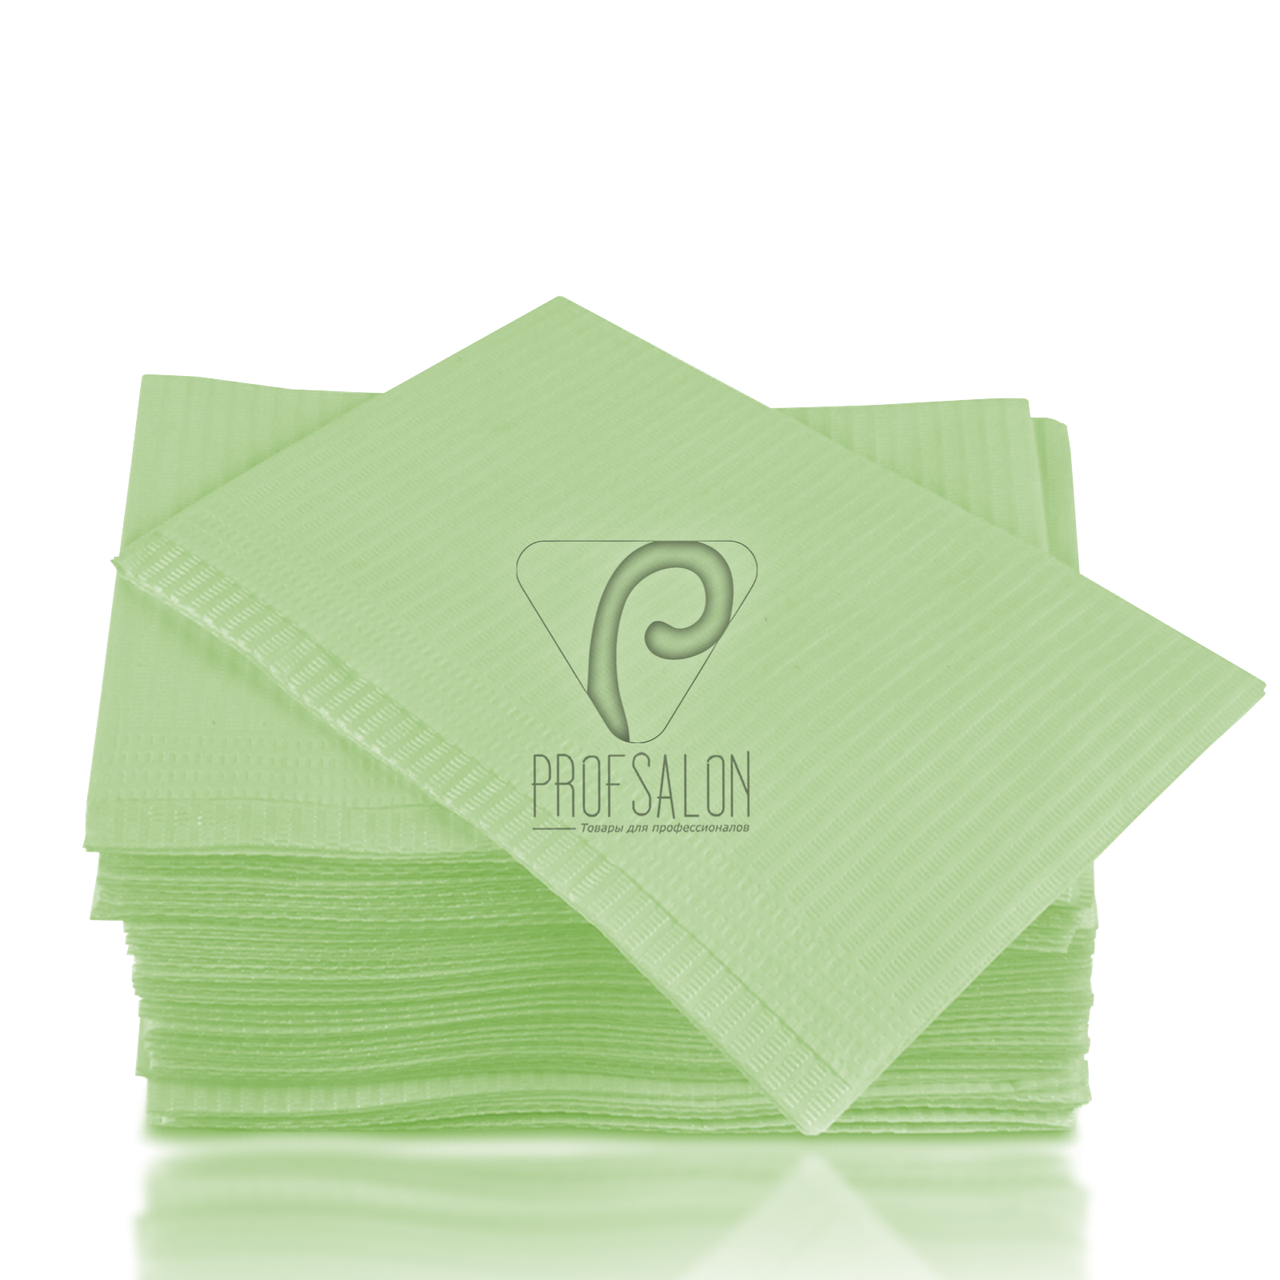 Стоматологические салфетки нагрудники непромокаемые, 500 шт, 45х32см, зеленые